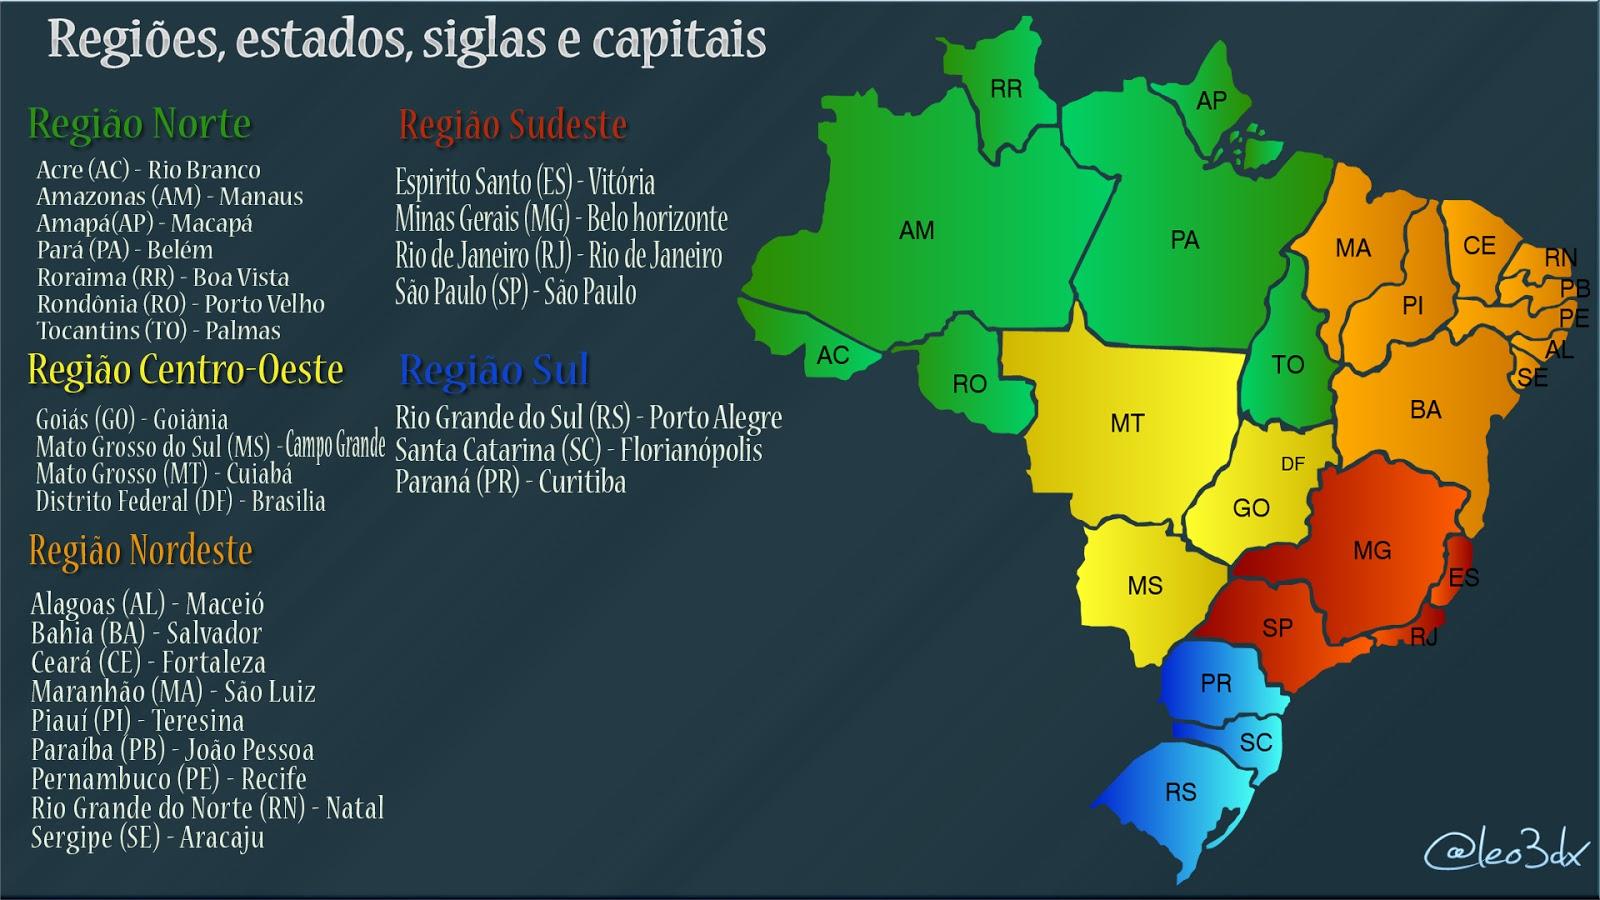 Muitas vezes Regiões, estados, siglas e capitais | Leônidas Felipe BV81